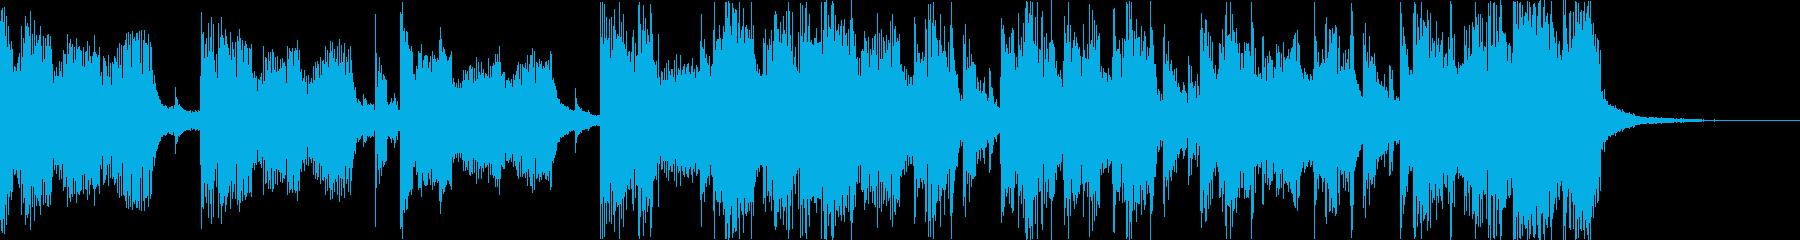 おしゃれクールセクシーR&Bエレクトロdの再生済みの波形